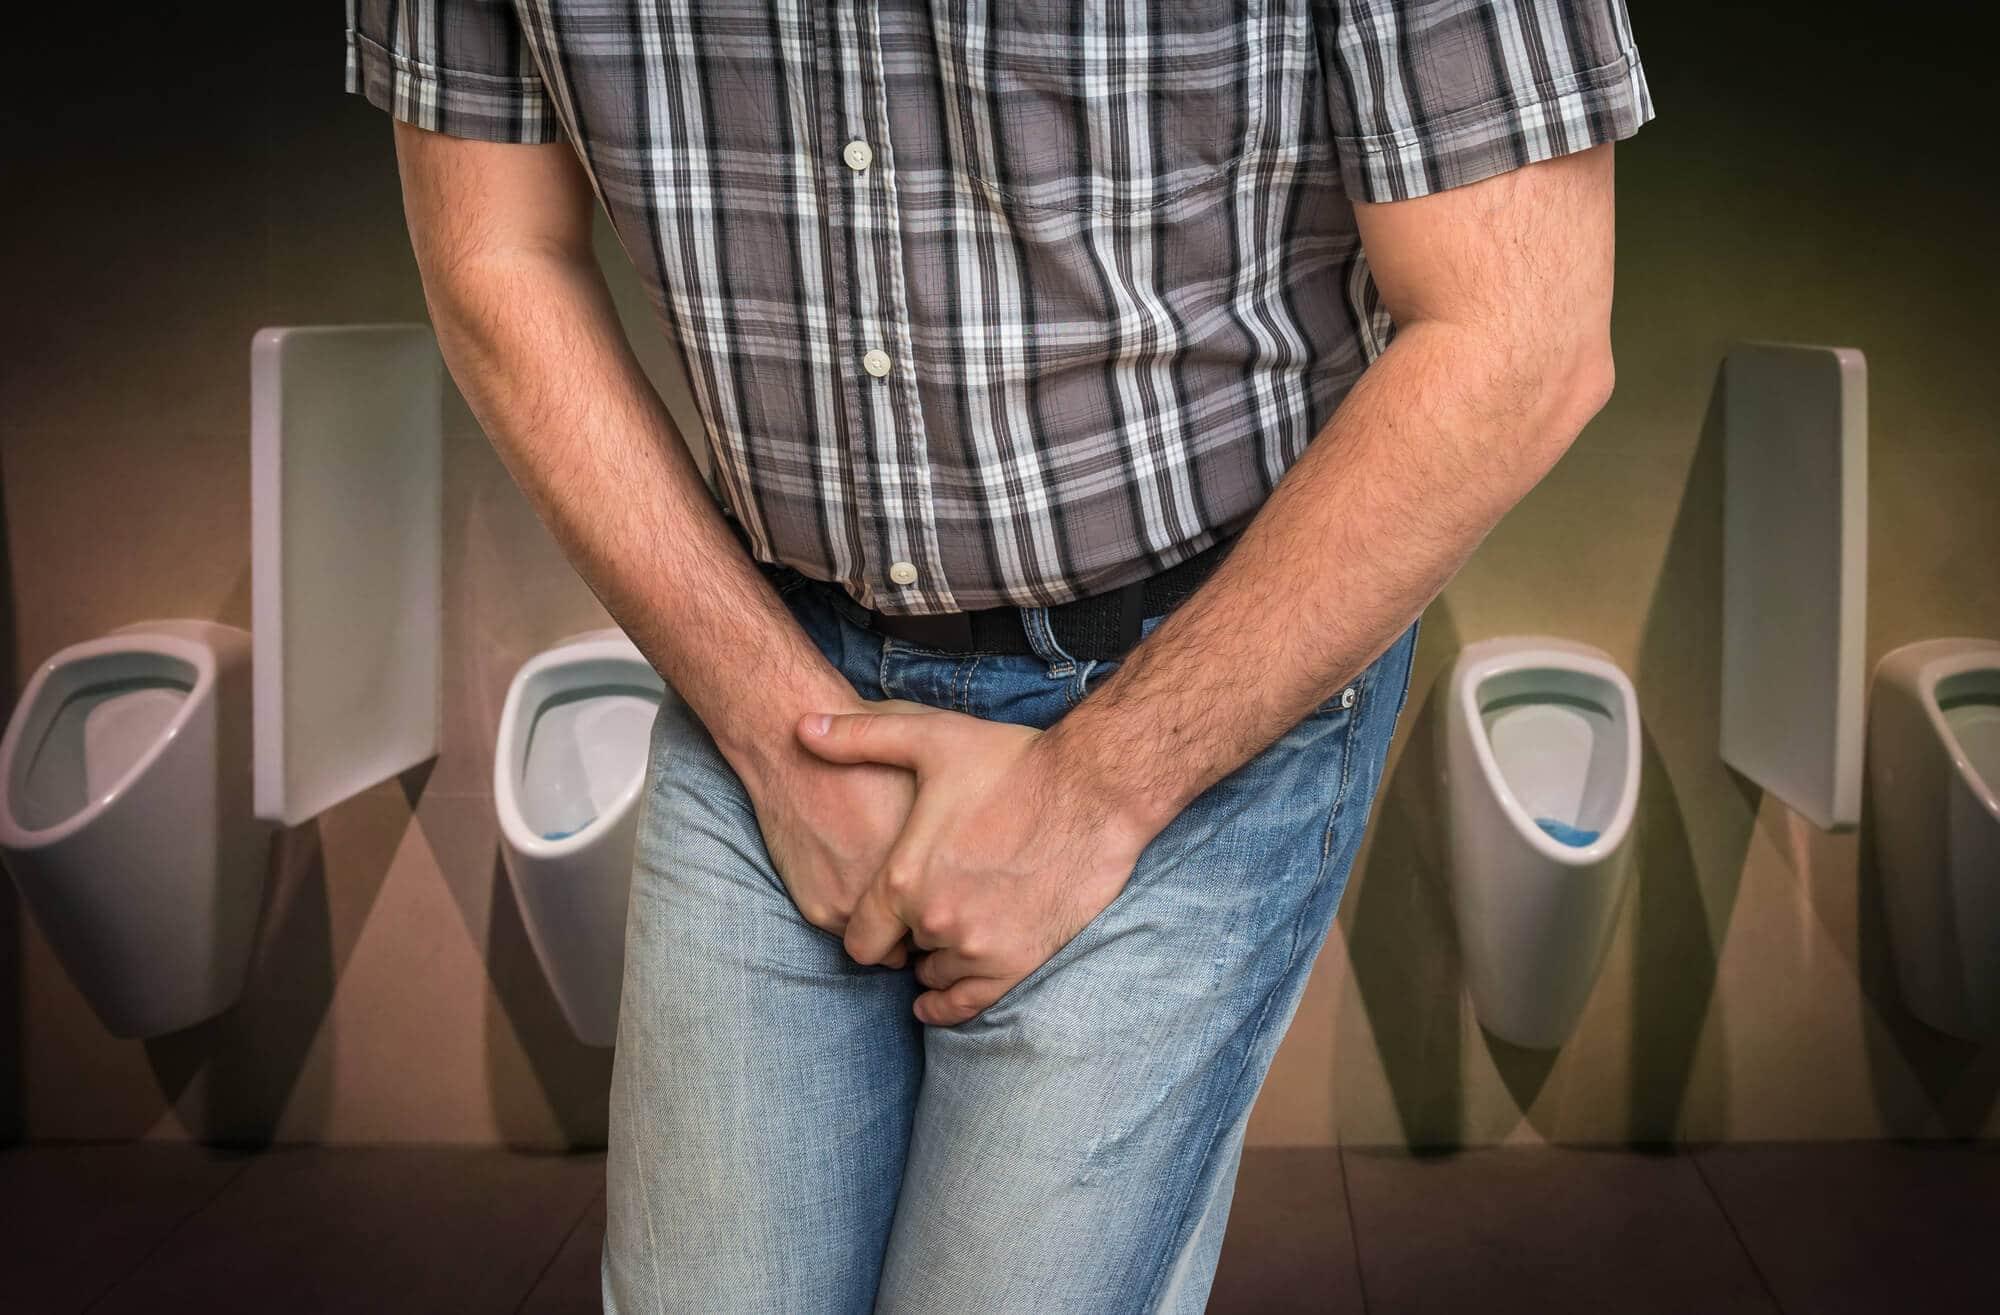 בריחת שתן בקרב גברים - כל מה שצריך לדעת